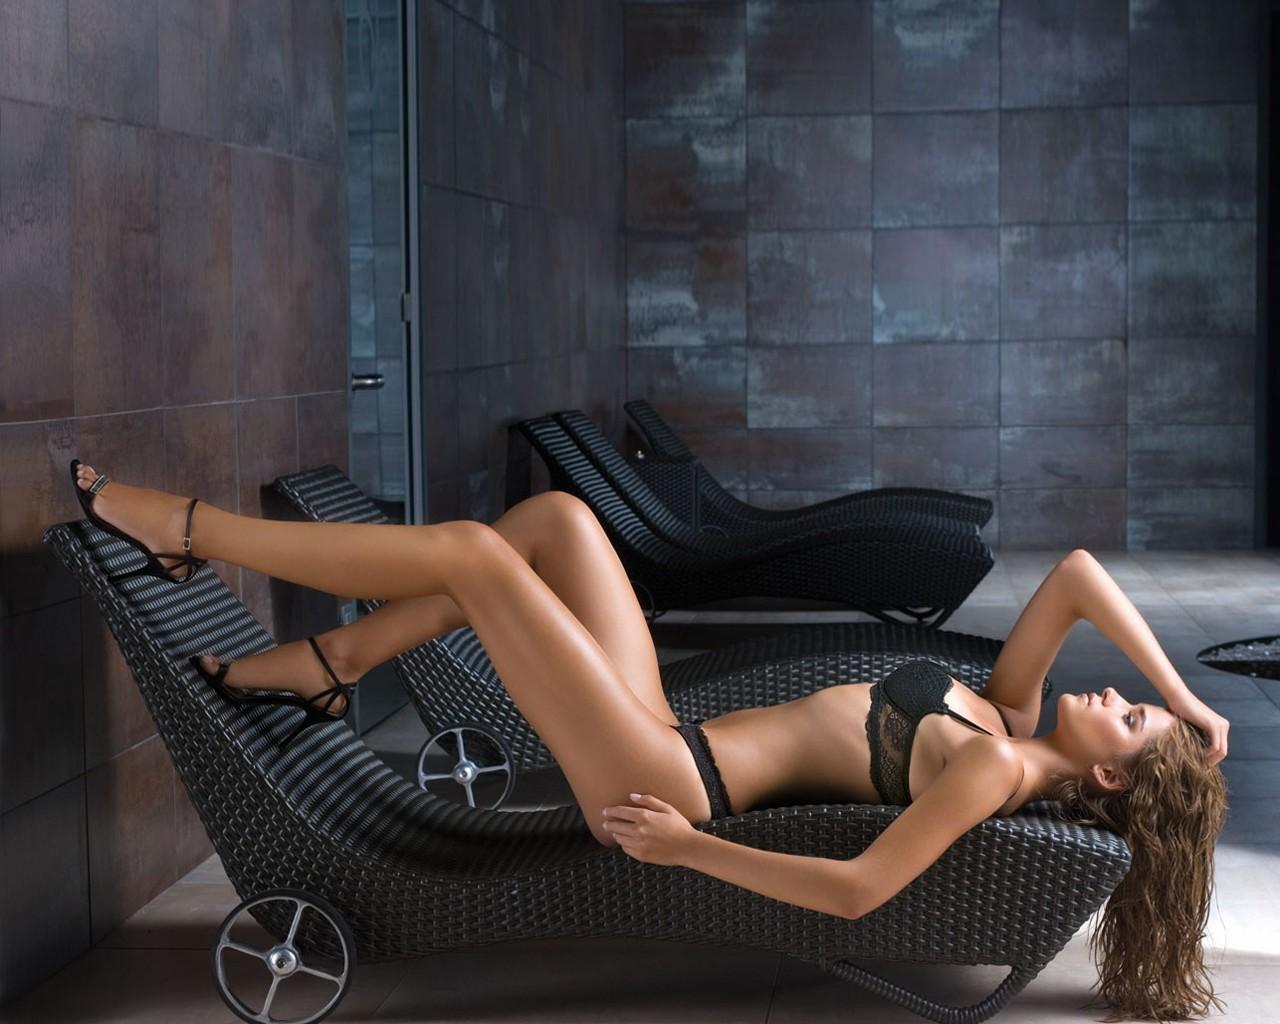 Любительские фото сайты эротики высокого разрешения ошибаетесь